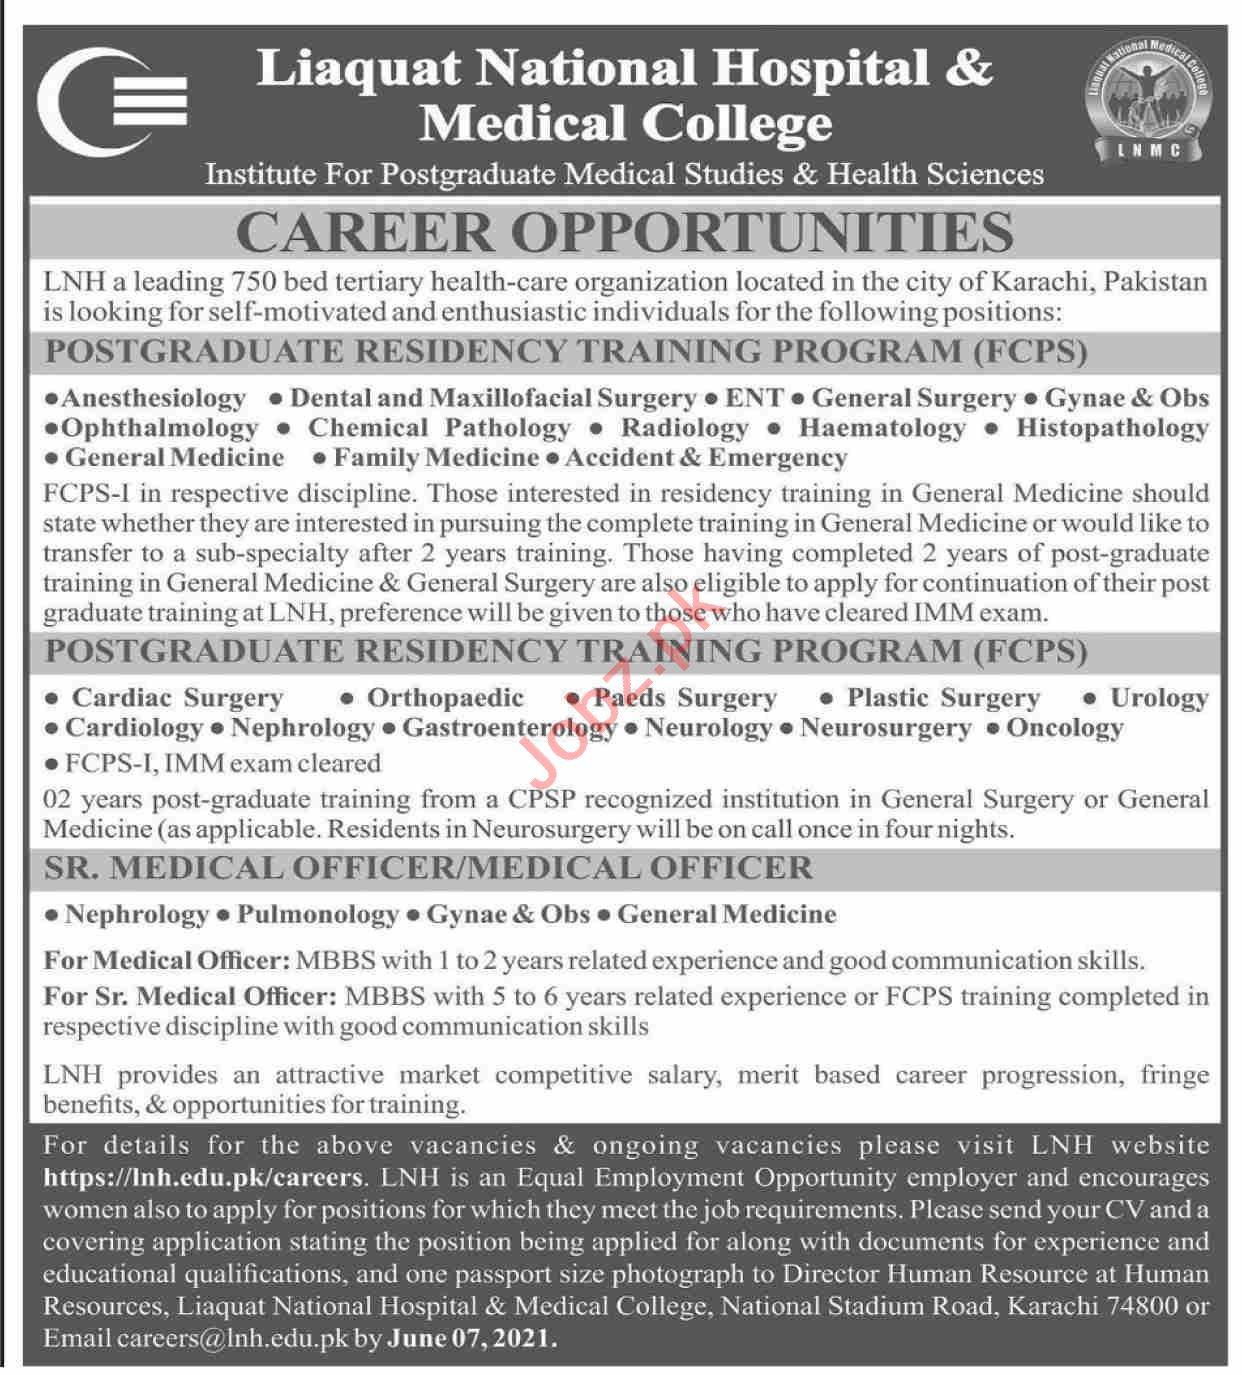 Liaquat National Hospital & Medical College Karachi Jobs